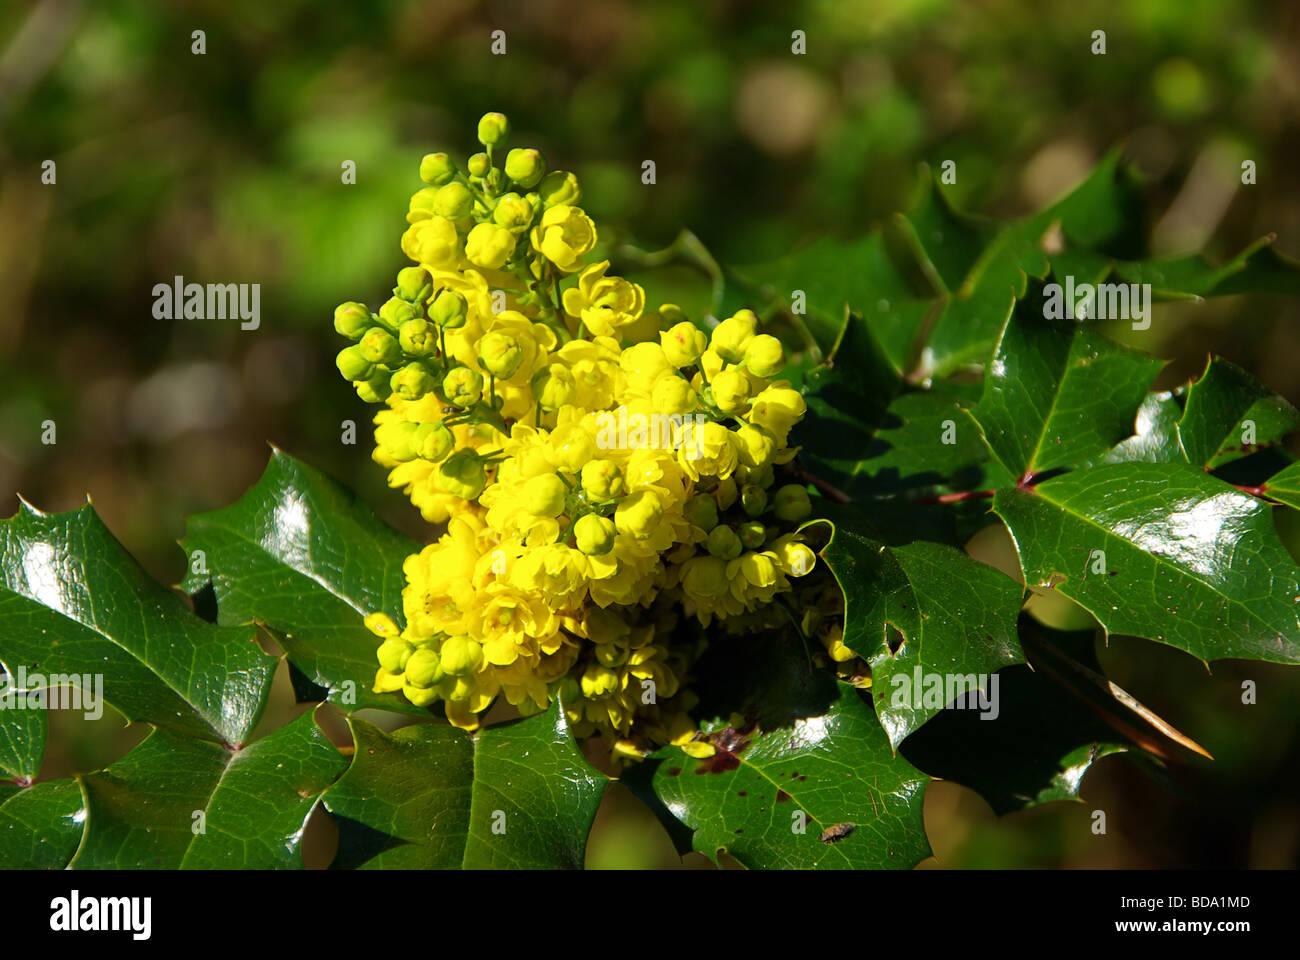 berberis aquifolium stock photos berberis aquifolium stock images alamy. Black Bedroom Furniture Sets. Home Design Ideas